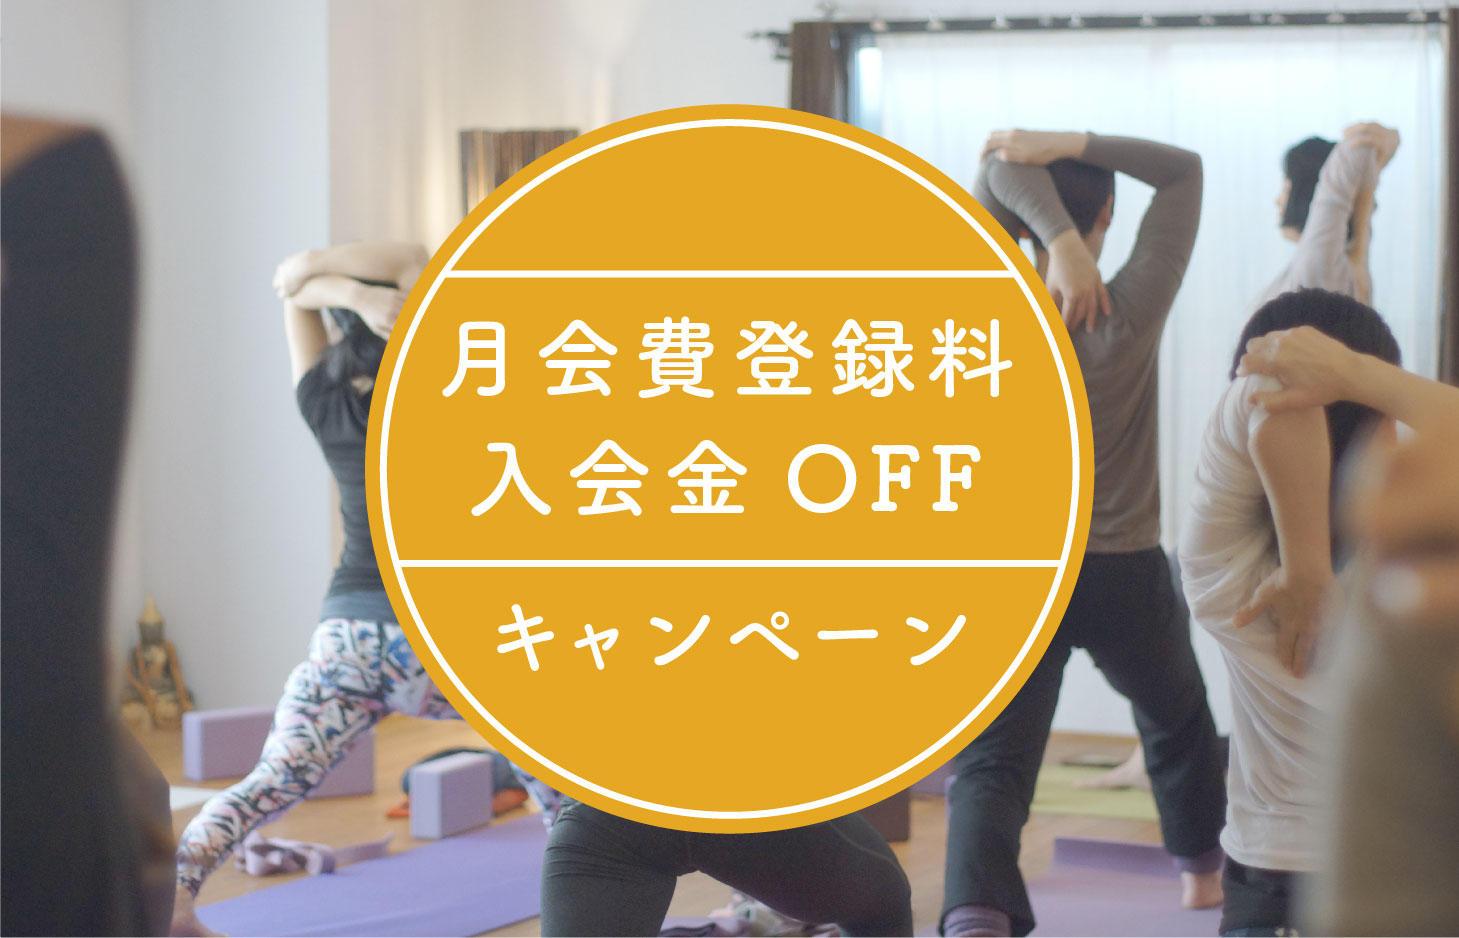 月会費登録料・入会金OFFキャンペーン_banner_blog_image.jpg